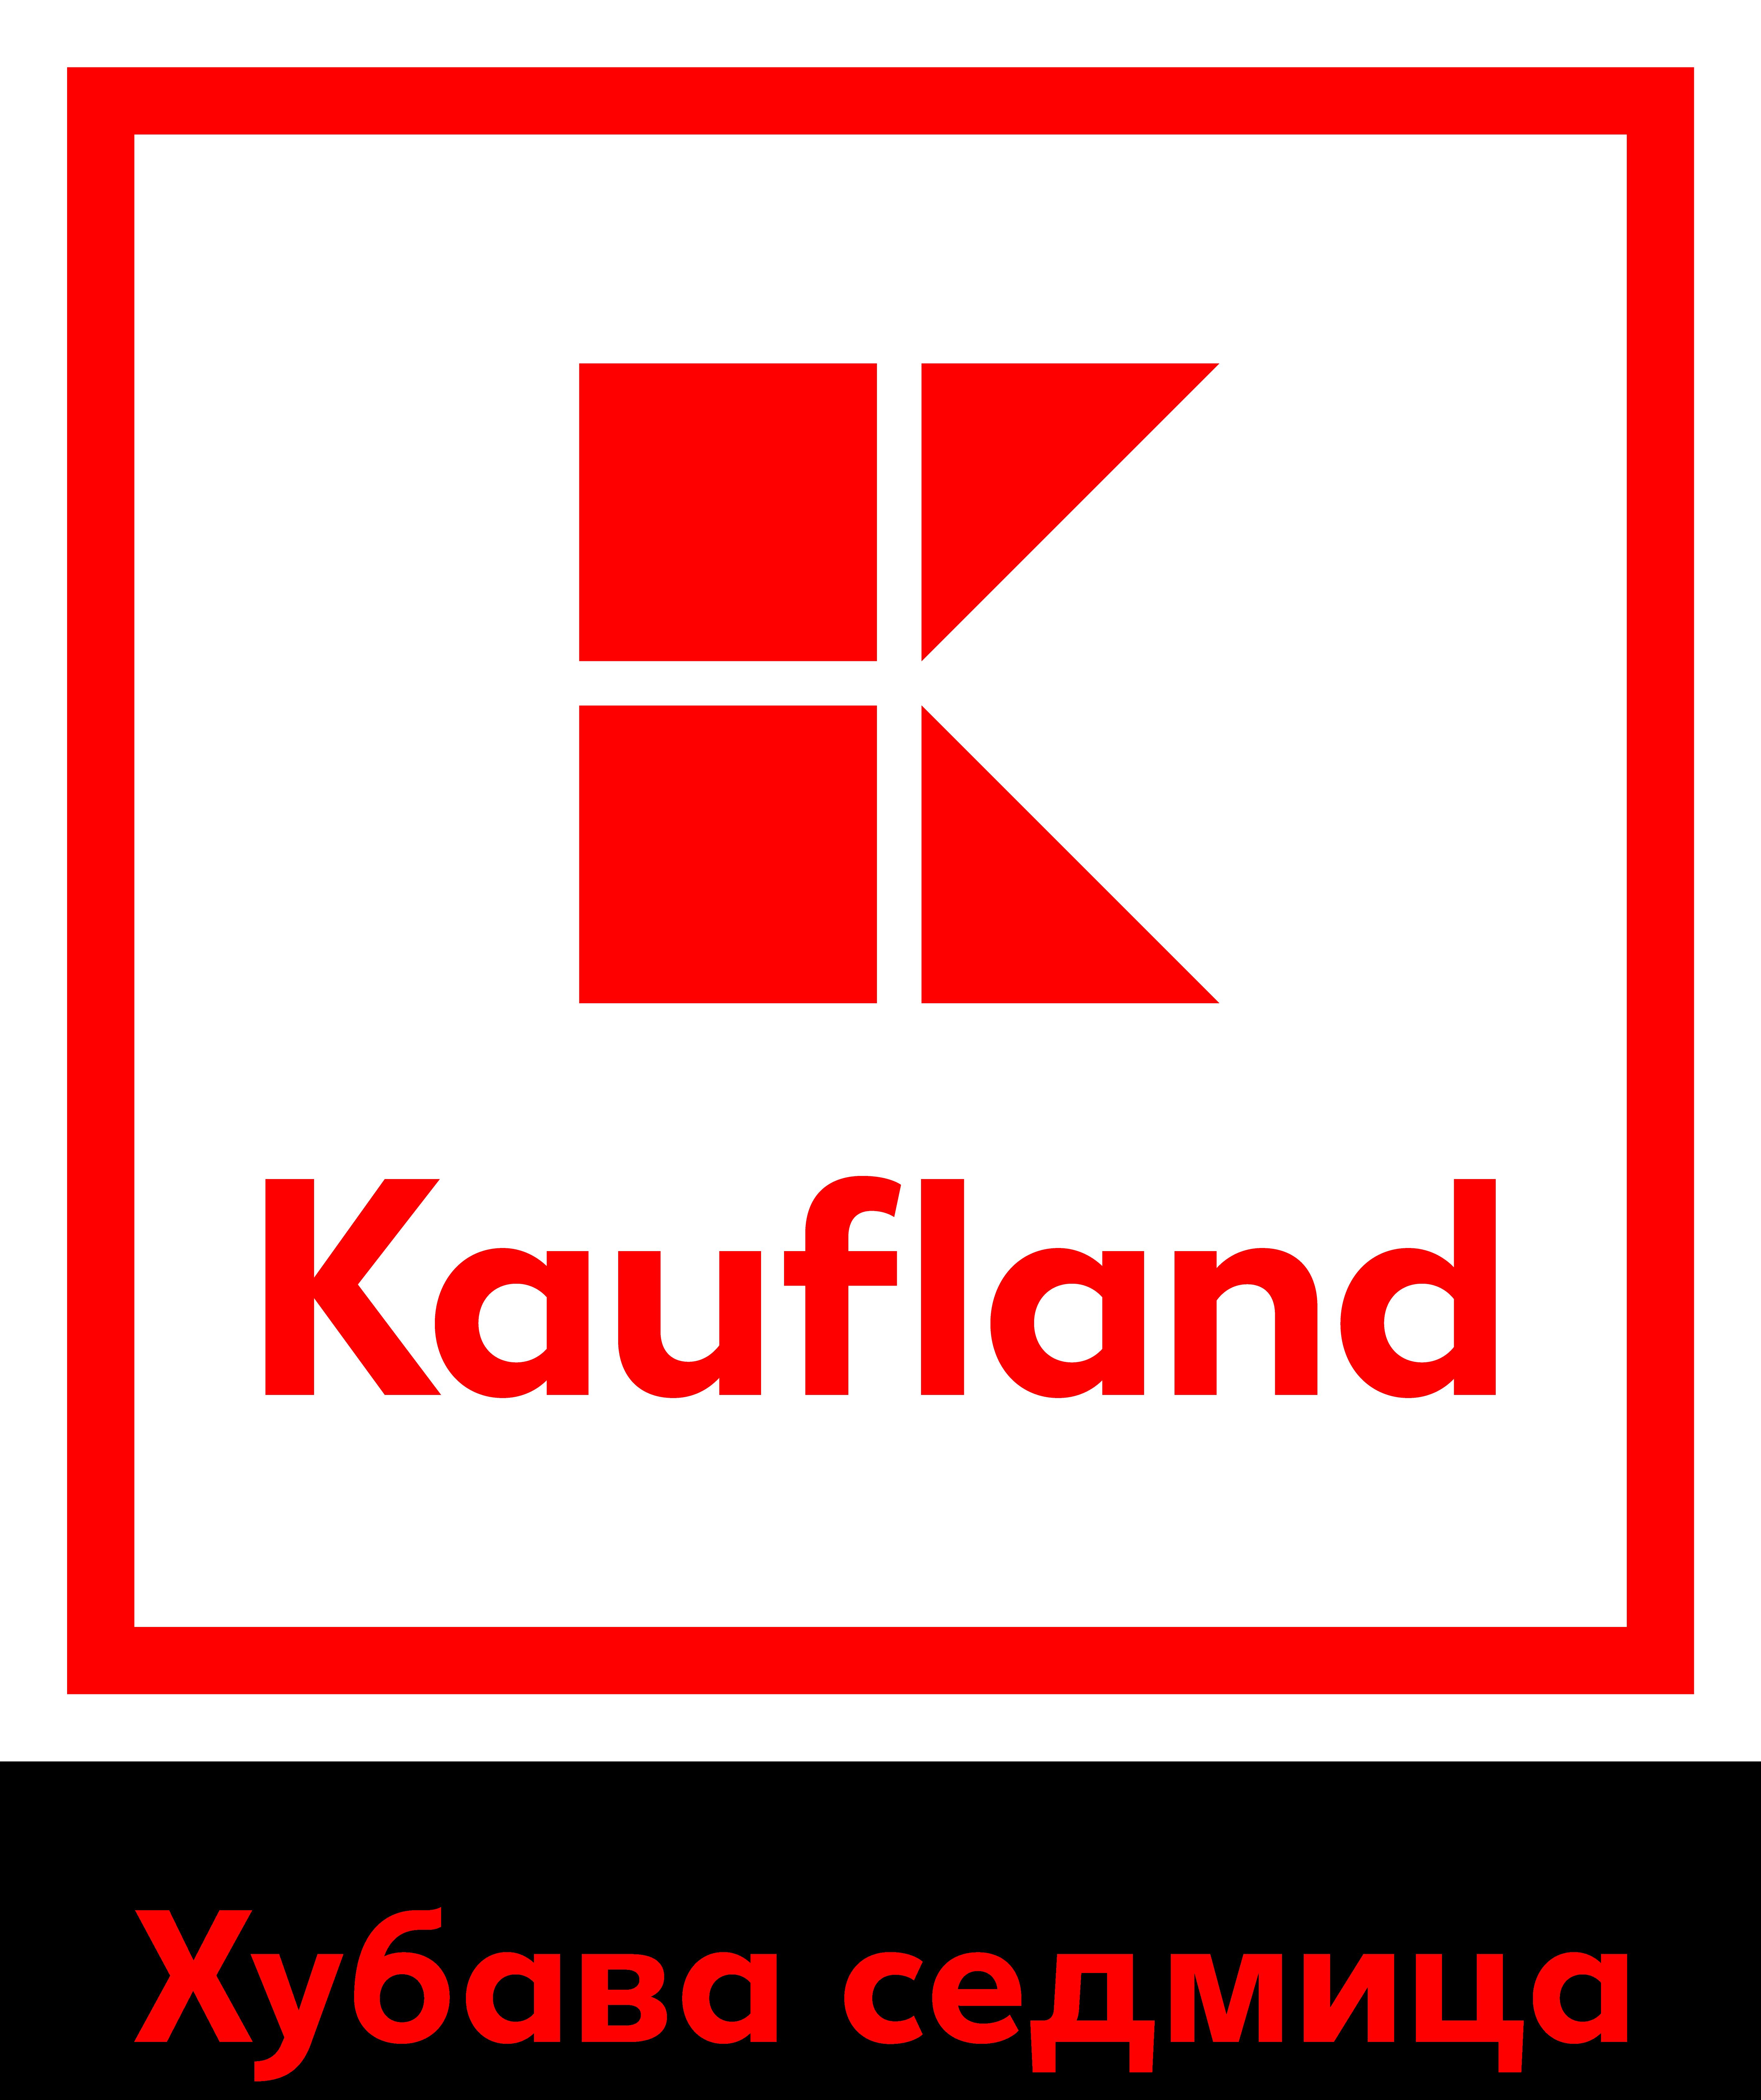 Kaufland Кауфланд Руcе-Ялта